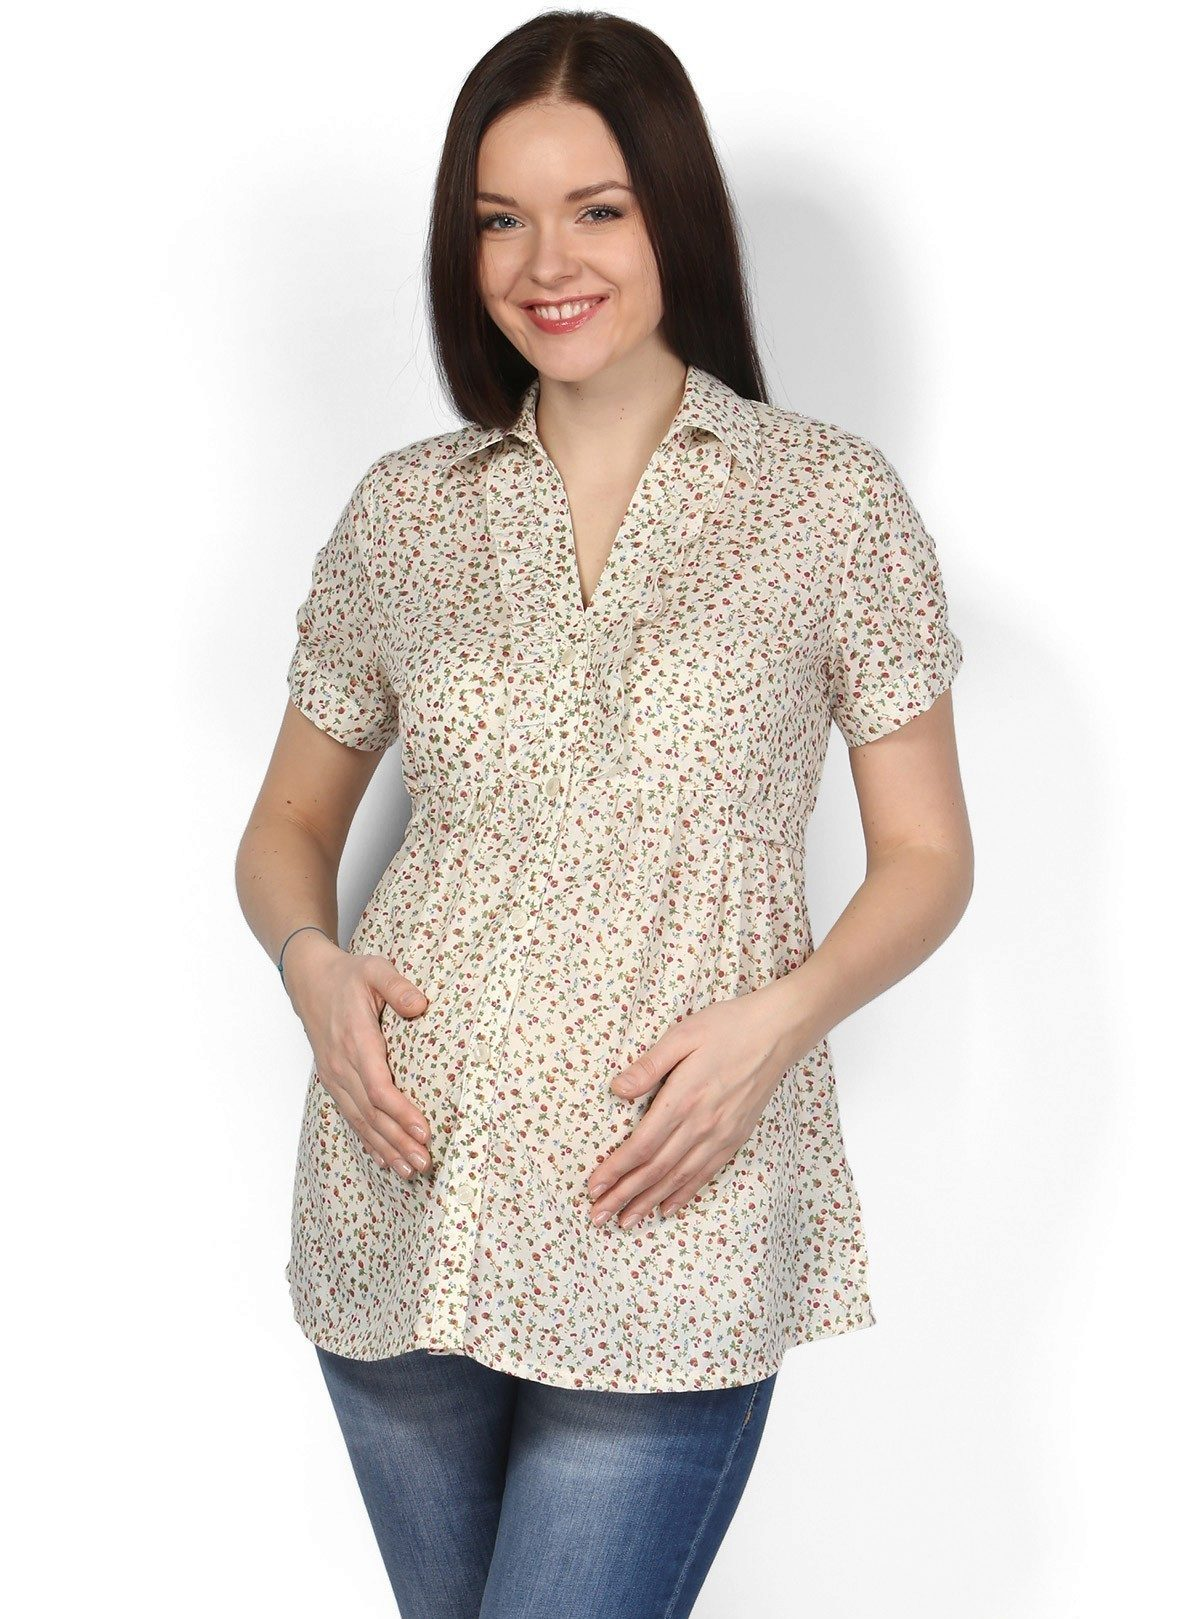 Рубашка для беременных своими руками из мужской рубашки своими руками